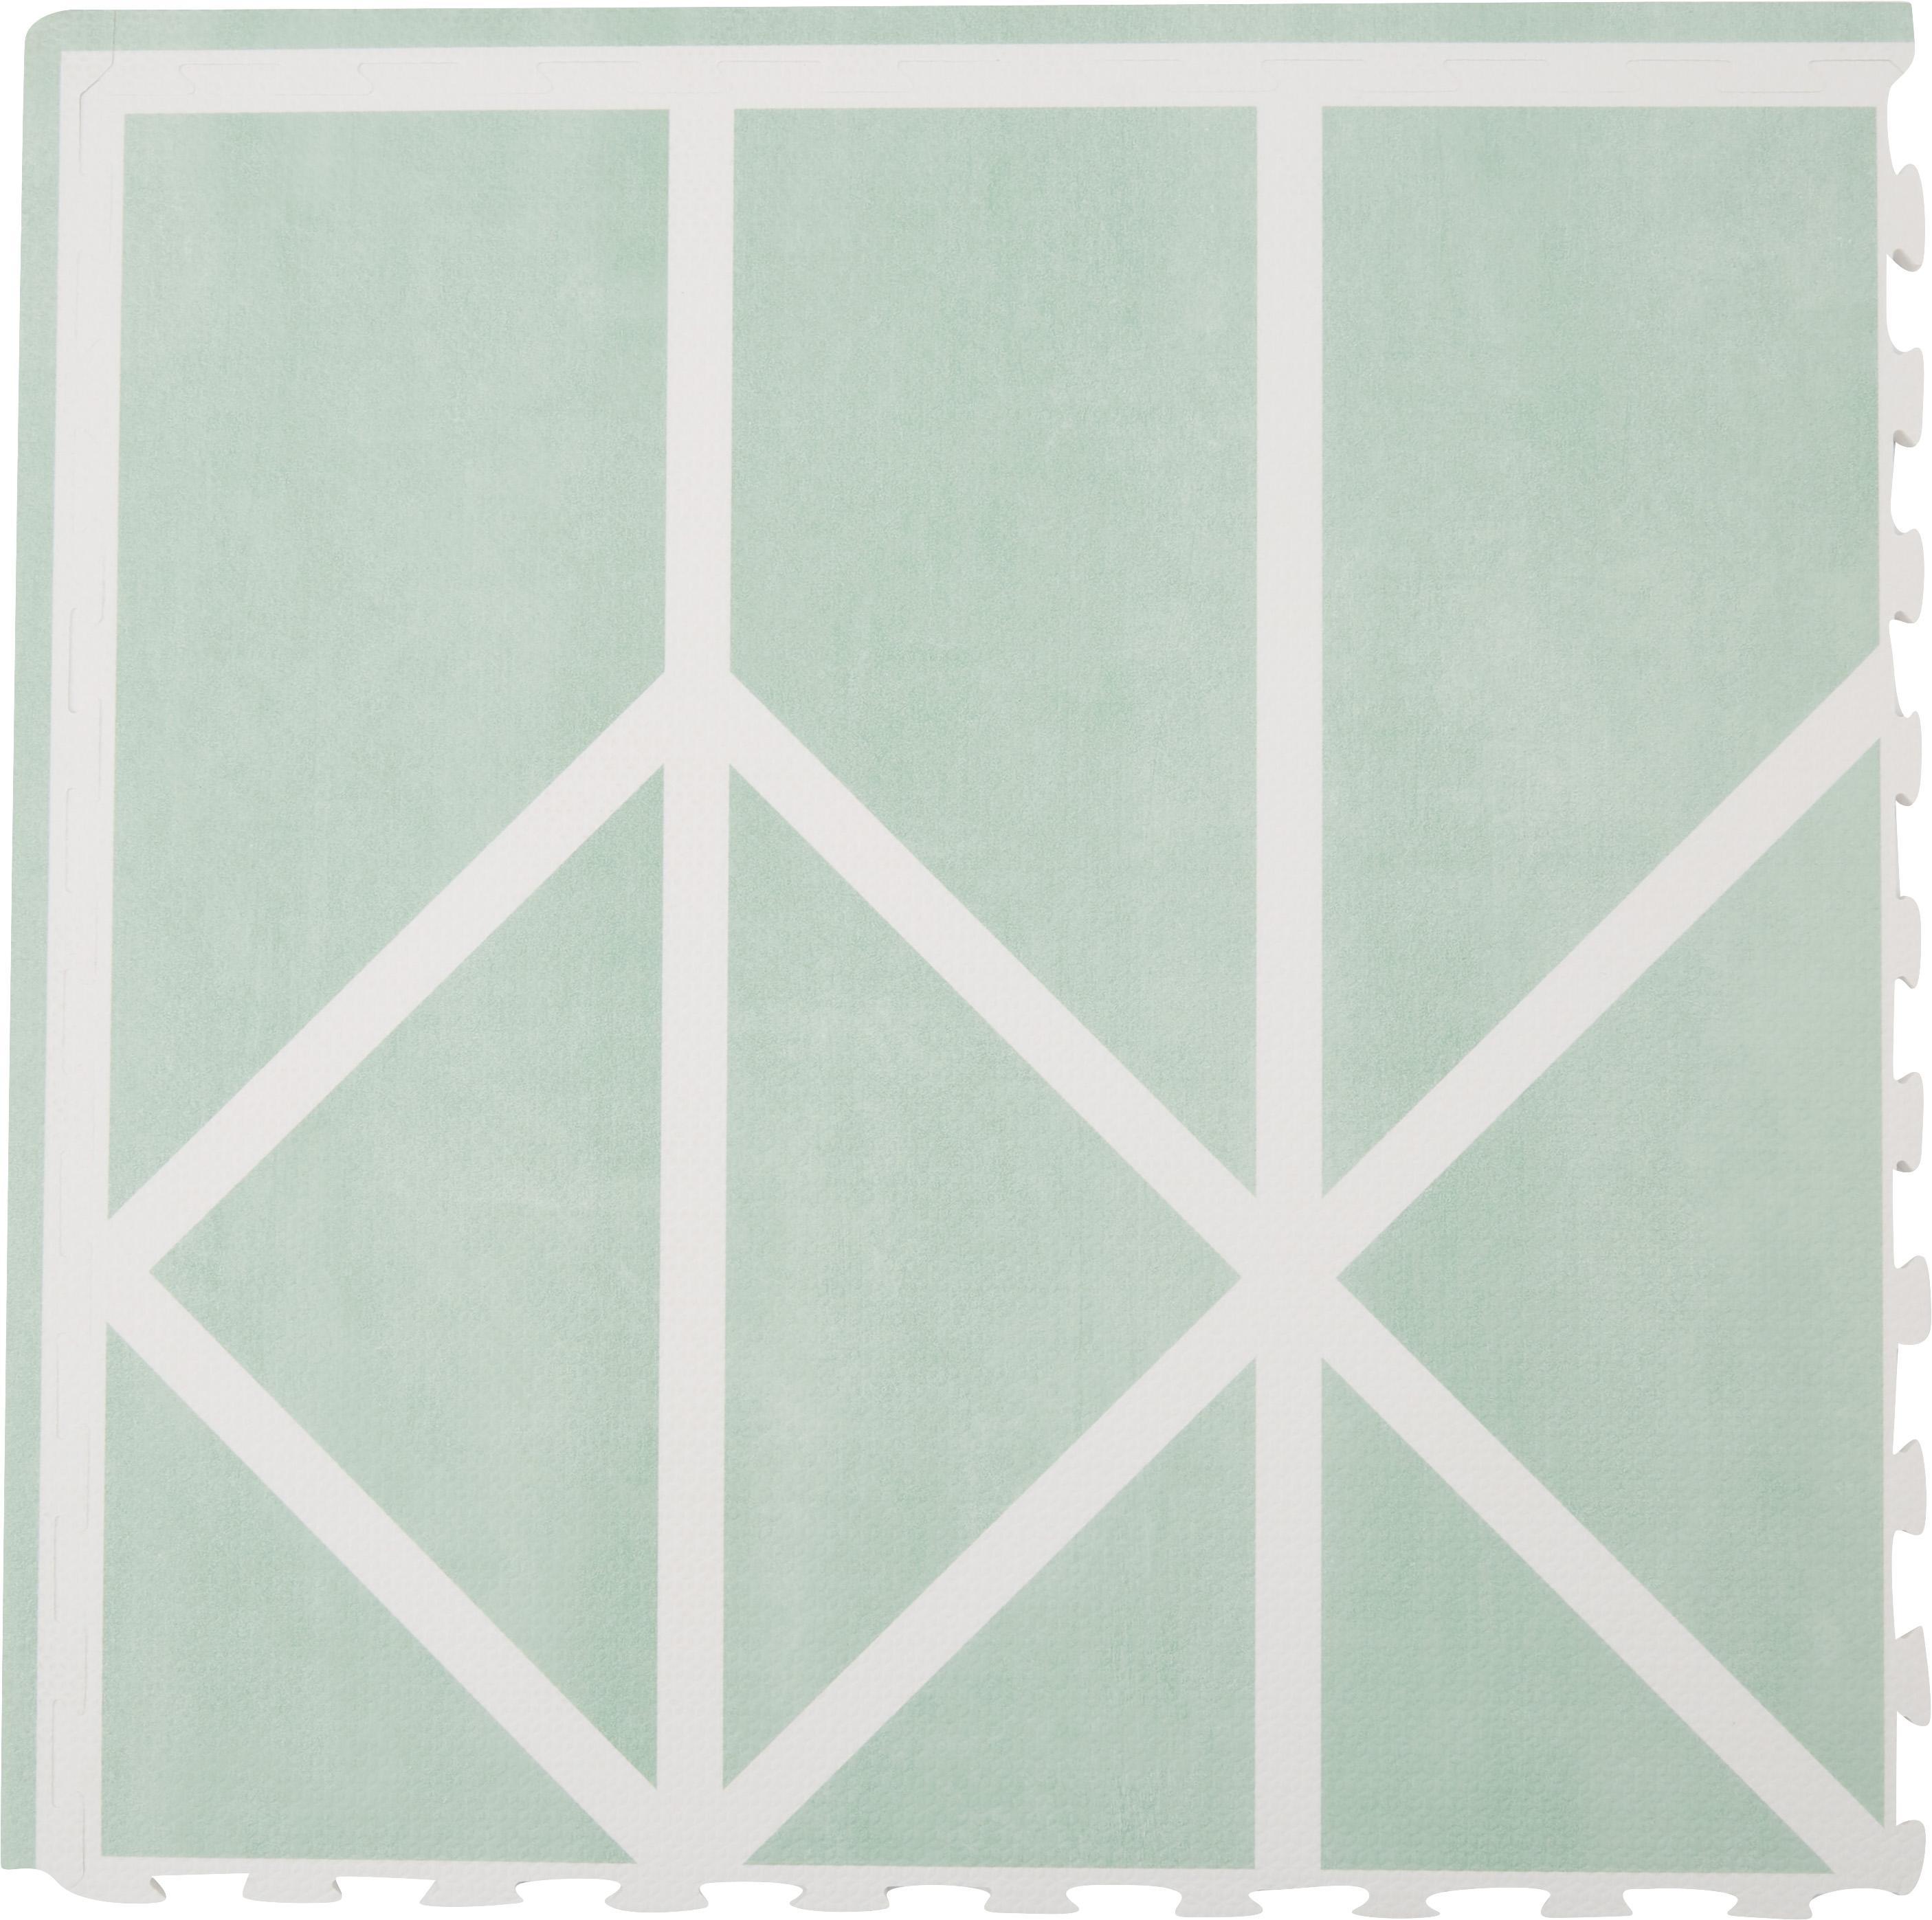 Speelmatset Nordic, 18-delig, Schuimstof (EVAC), vrij van schadelijke stoffen, Groen, crèmekleurig, 120 x 180 cm